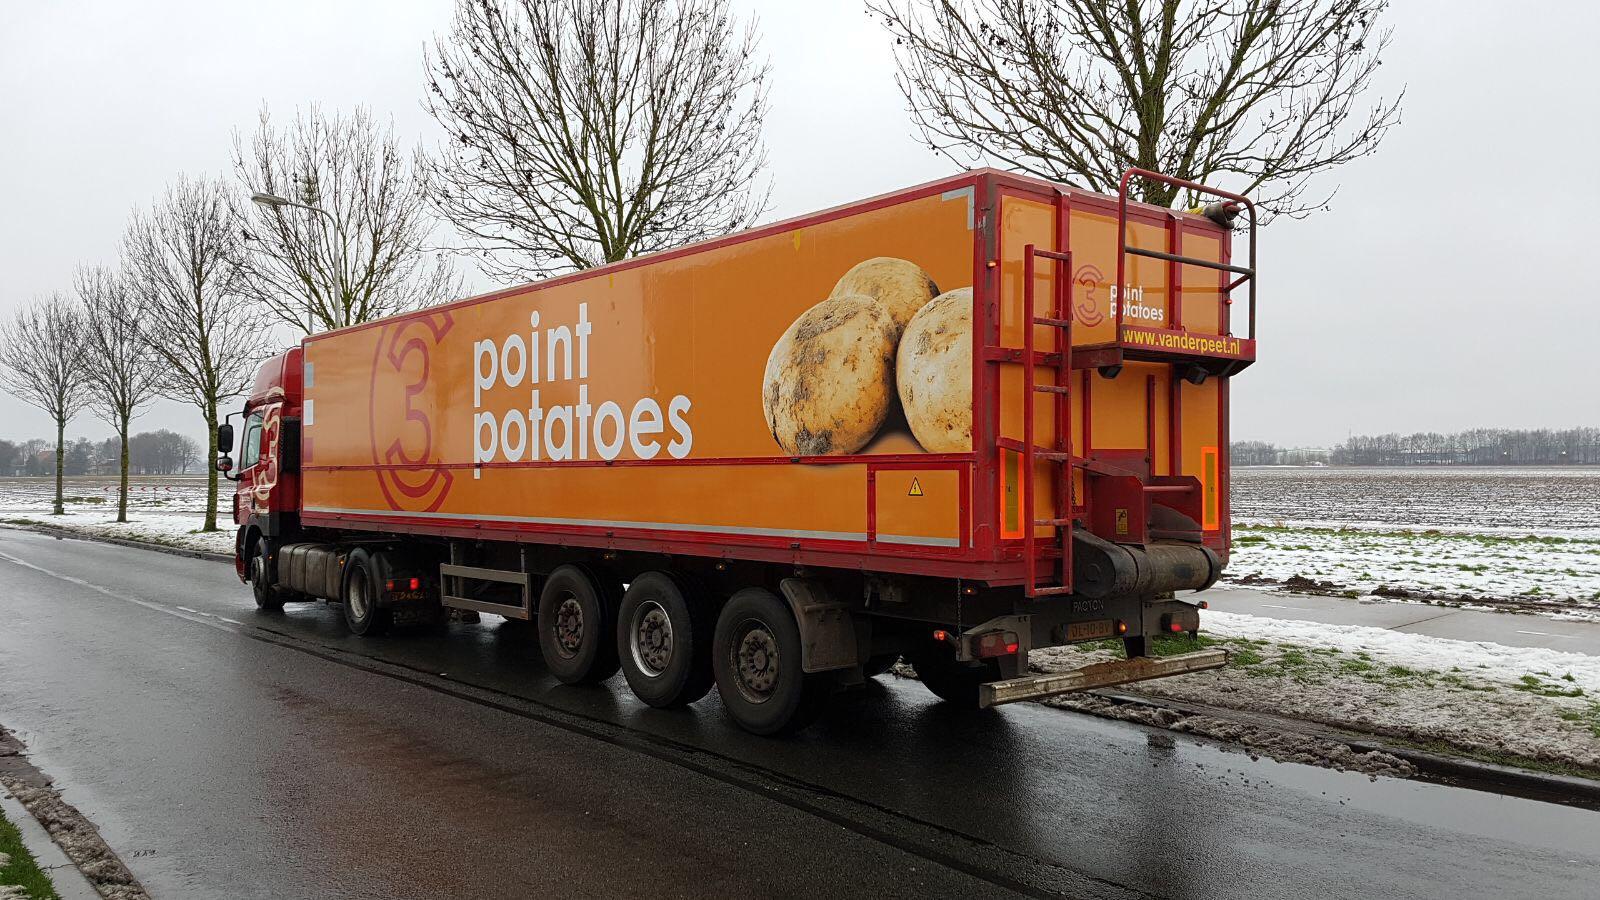 Transport Import en Export Aardappelen Limburg 3 Point Potatoes